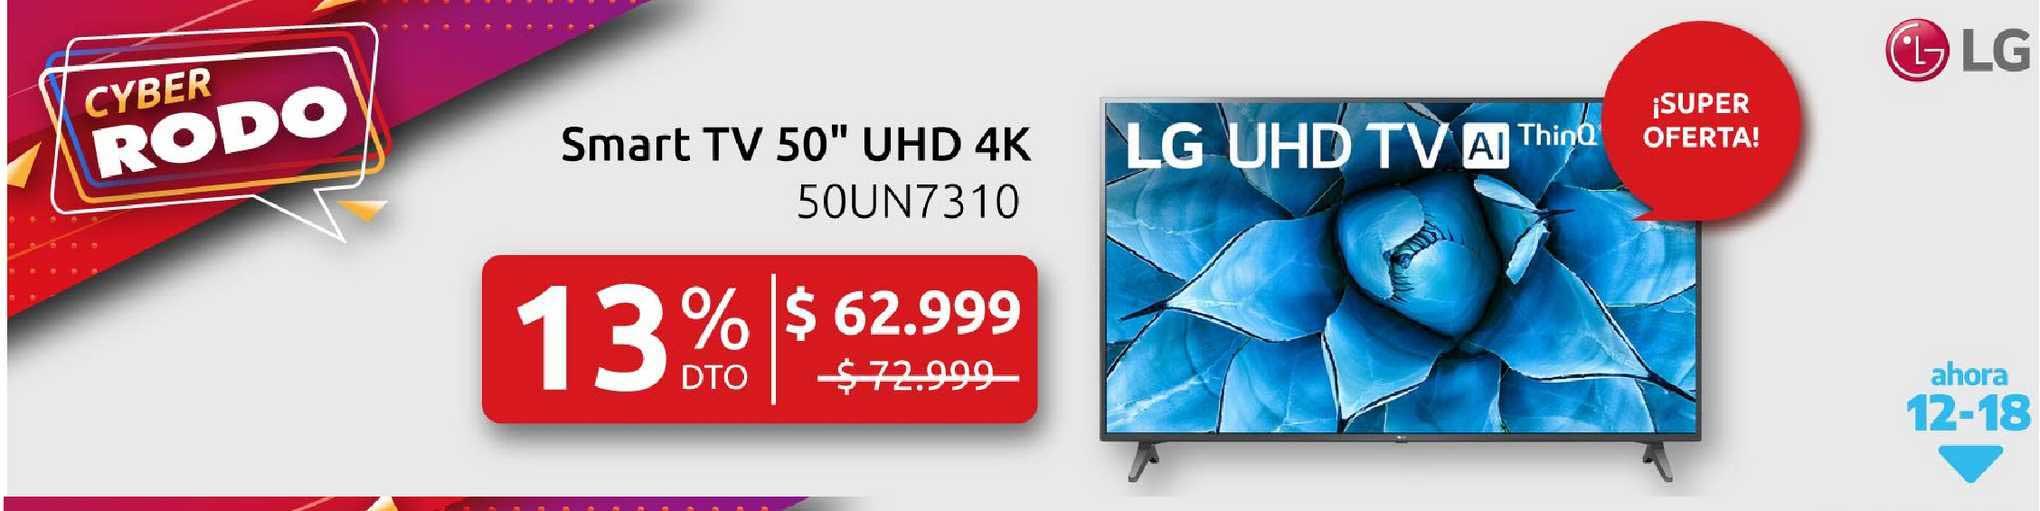 Rodo LG Smart TV 50